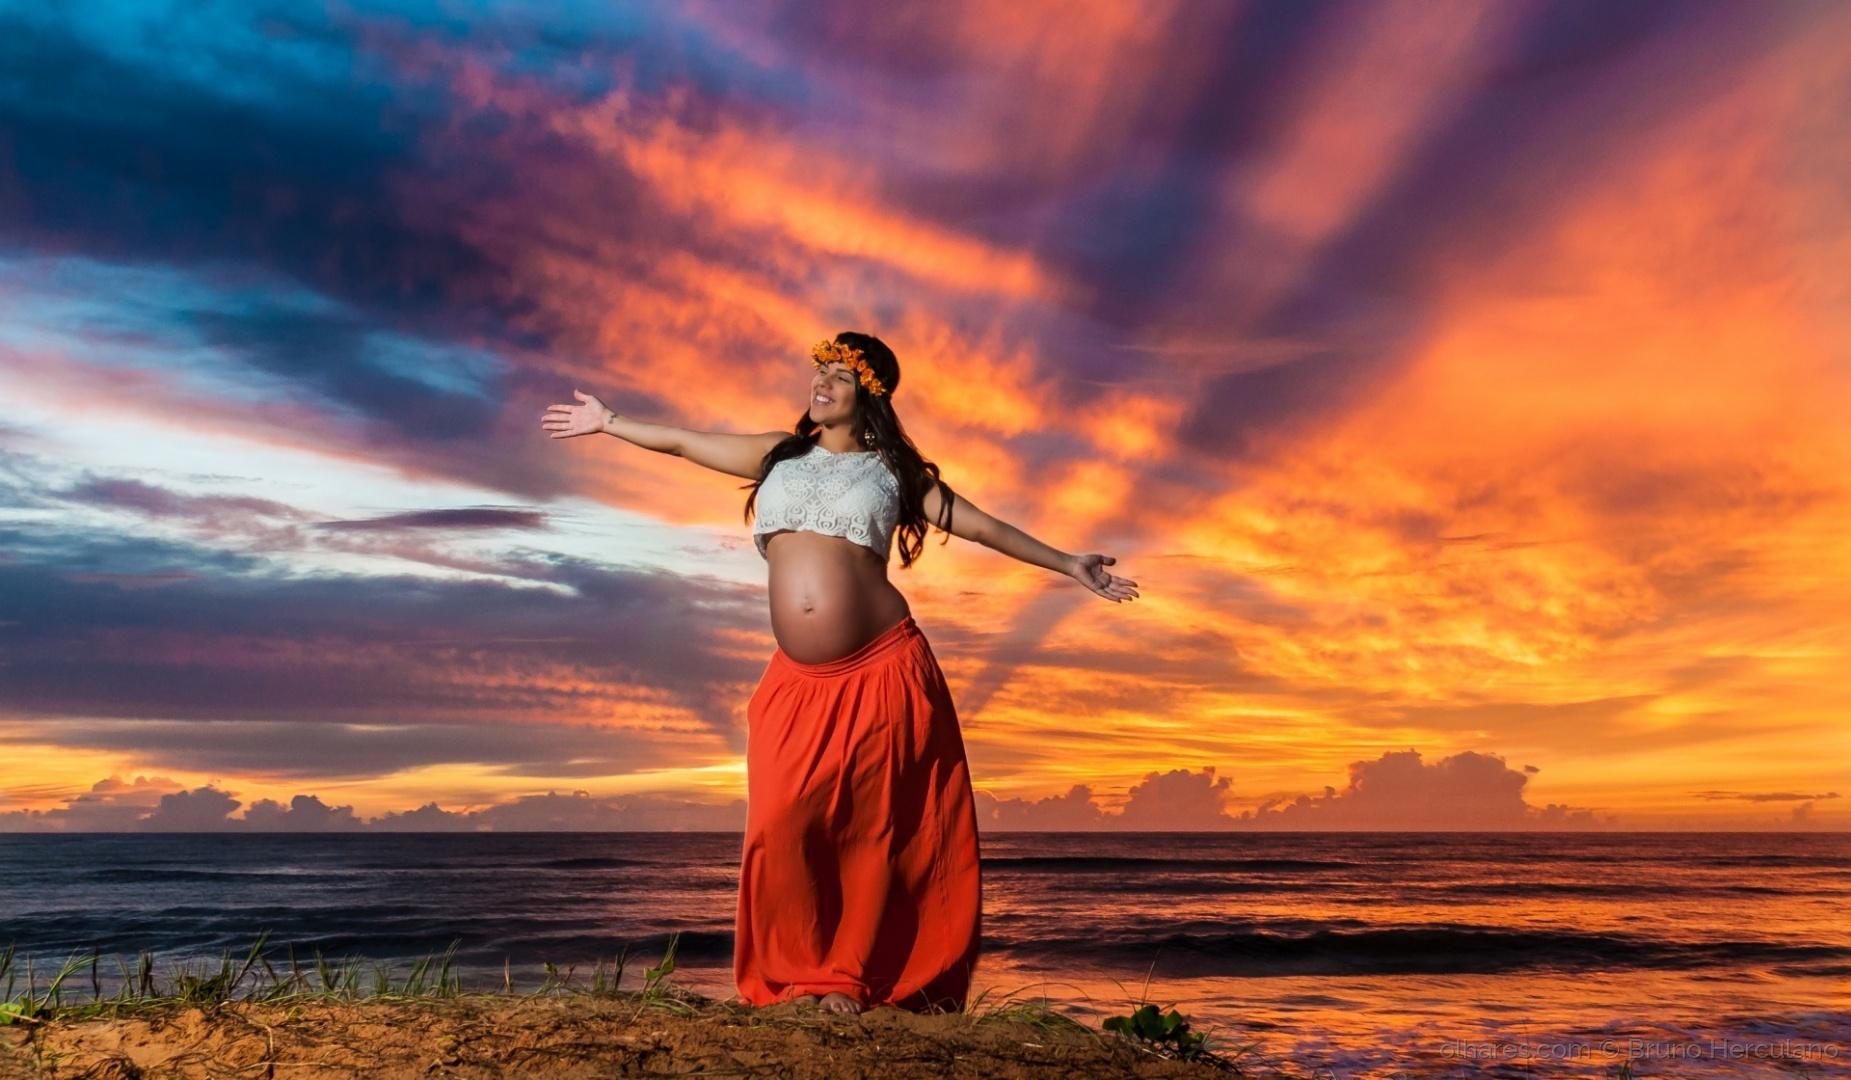 Arte Digital/Sob o nascer do sol / Under the sunrise